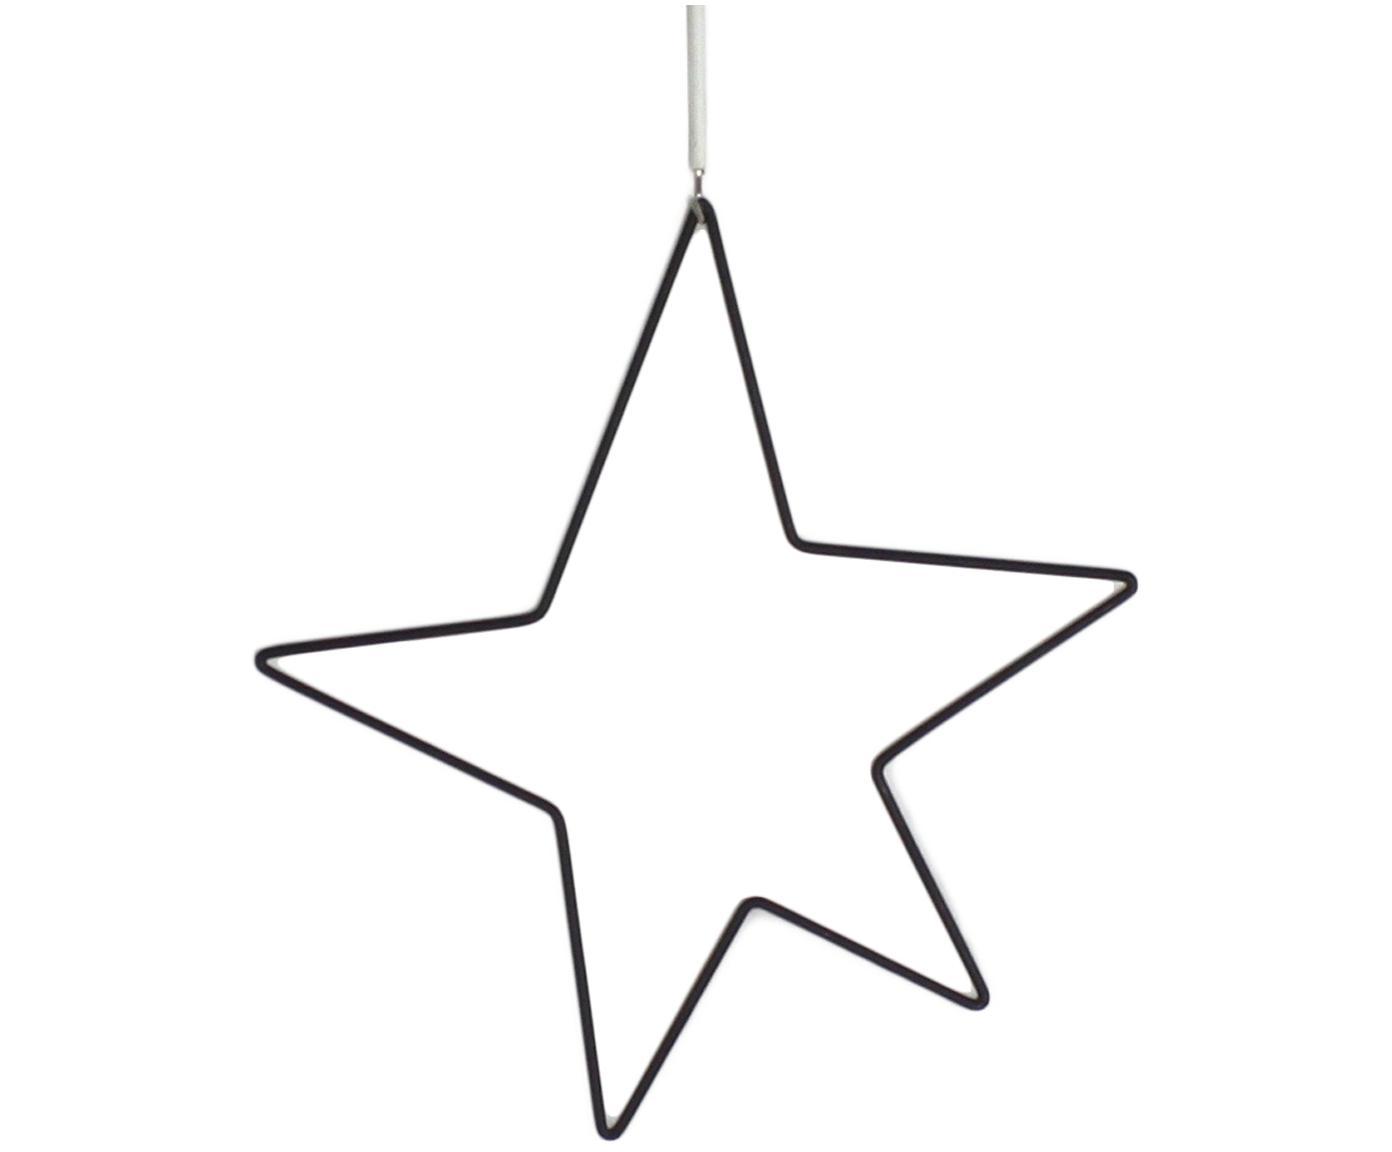 Stella decorativa in metallo Kelia, Nero, Larg. 21 x Alt. 23 cm